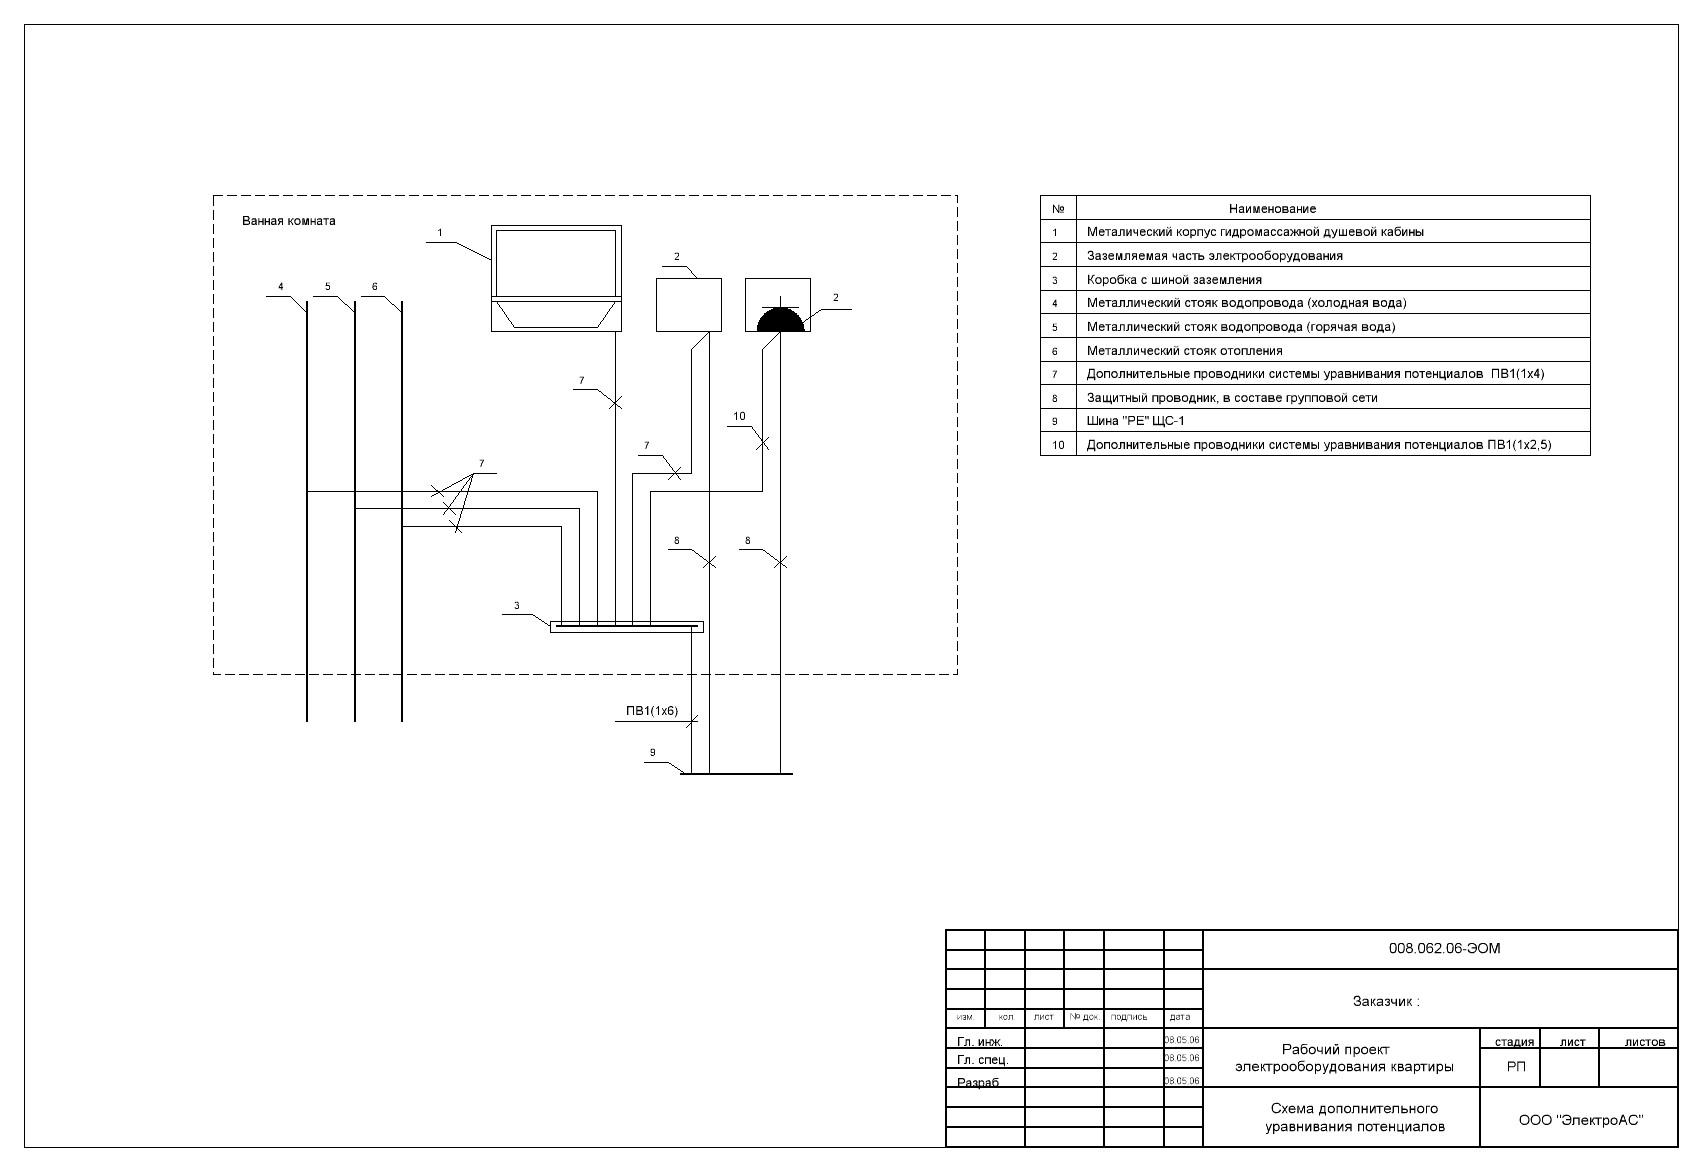 Схема уравнивания потенциалов для квартиры